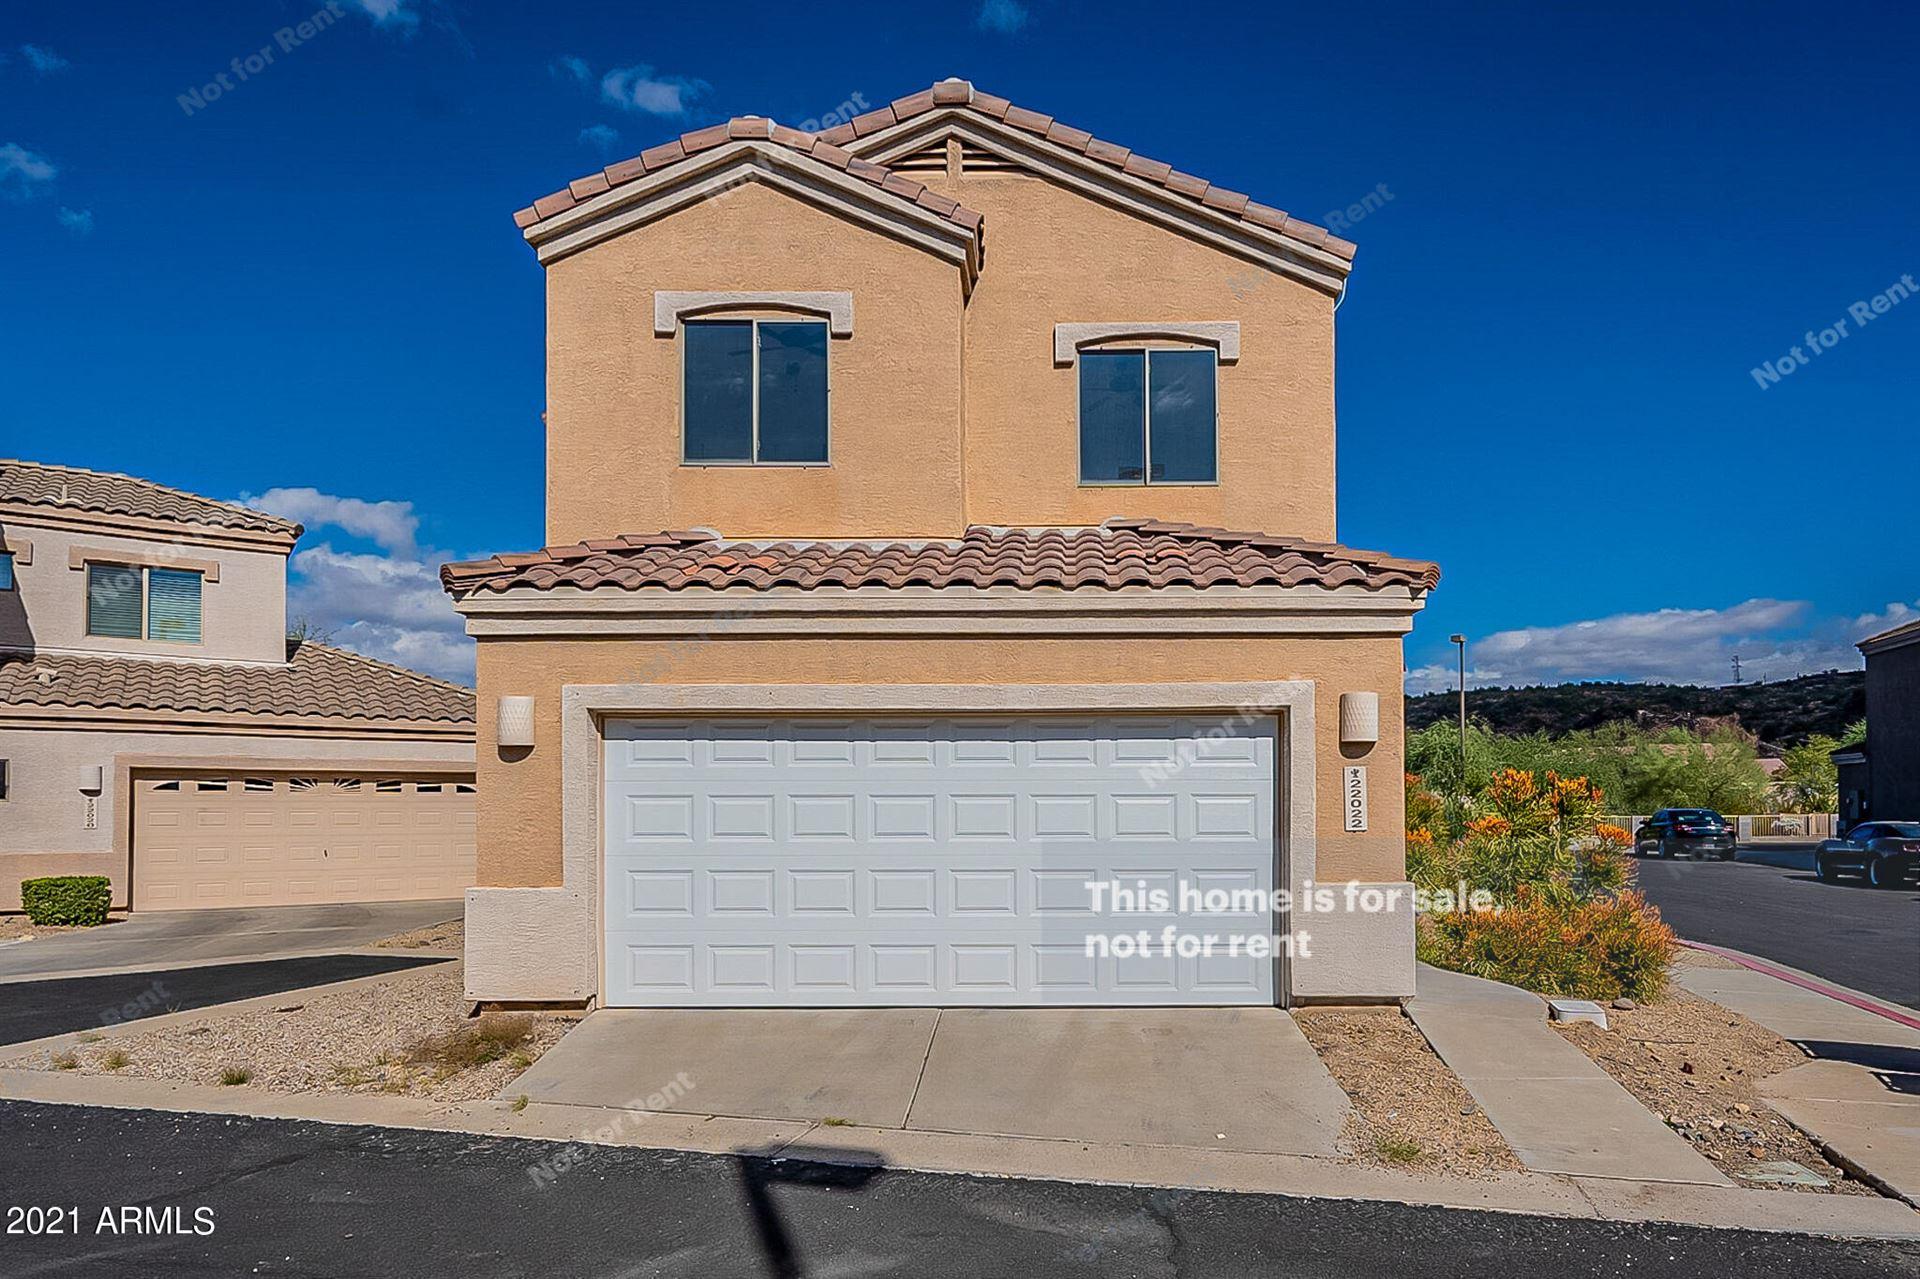 22022 N 29TH Drive, Phoenix, AZ 85027 - MLS#: 6309469